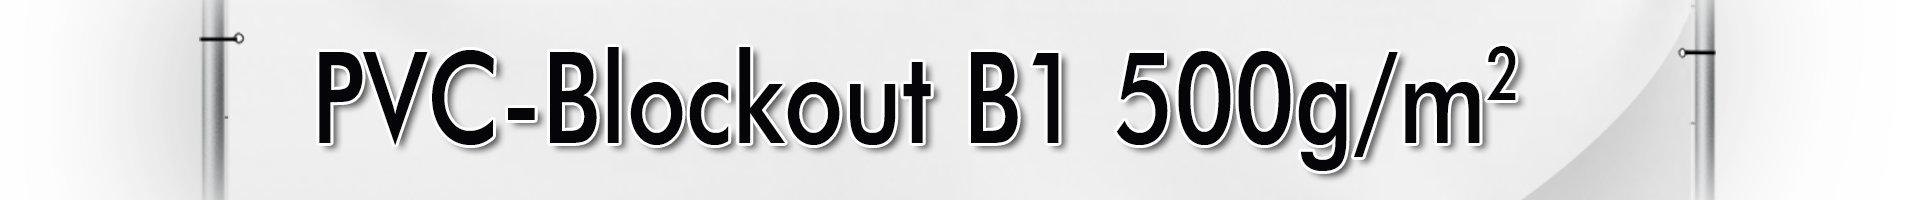 PVC-Blockout B1 500g/m²